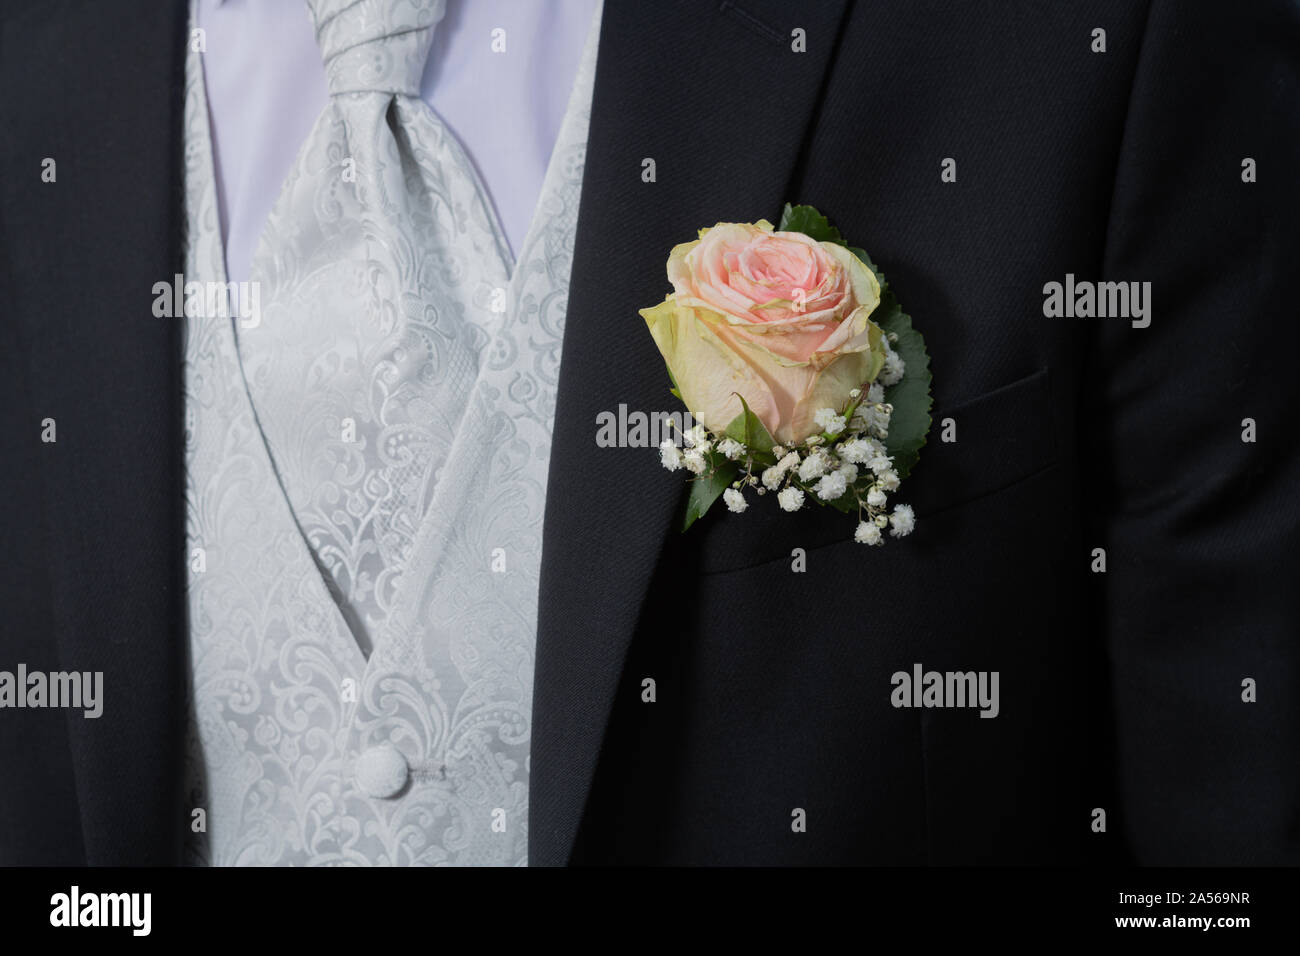 Symbole, Gesellschaft. Heiraten. Ein Hochzeitsanzug mit Weste und einer Rose am Revers . Stock Photo